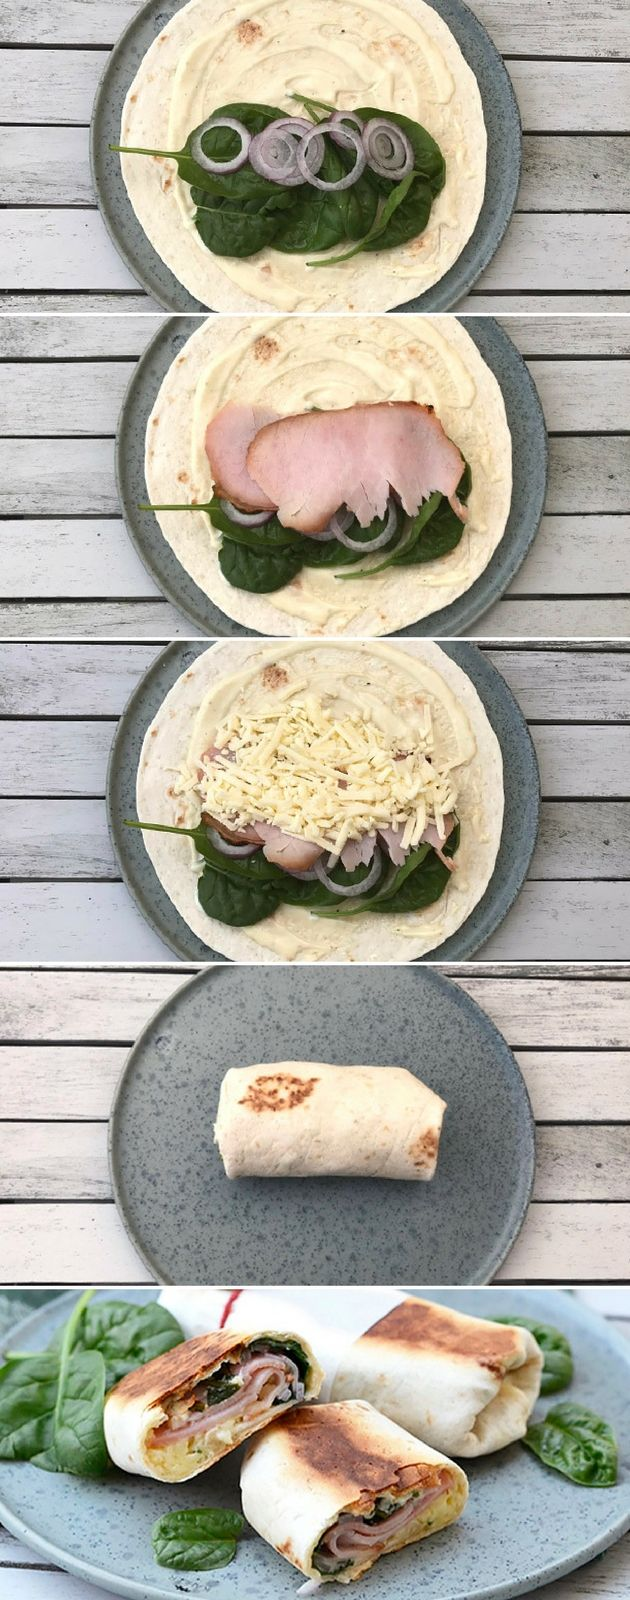 Vildt lækre wraps med skinke, spinat og smeltet ost. Pandekagerne bliver stegt sprøde på panden, så de bliver ekstra gode.